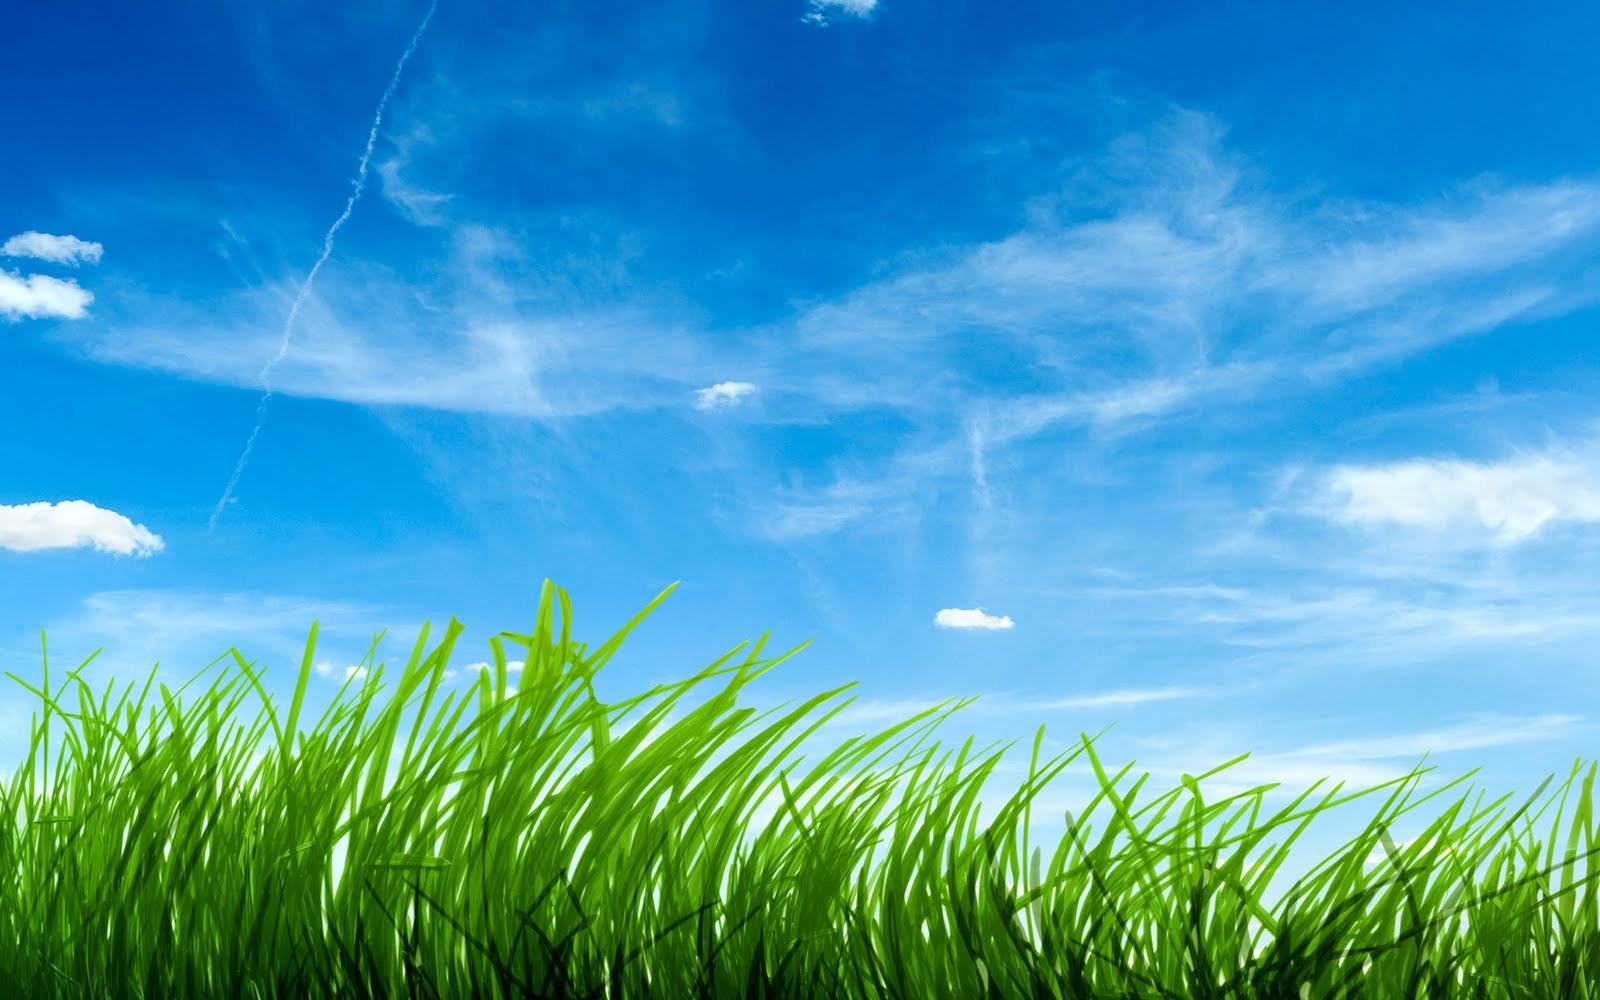 14278 скачать обои Трава, Фон, Небо - заставки и картинки бесплатно